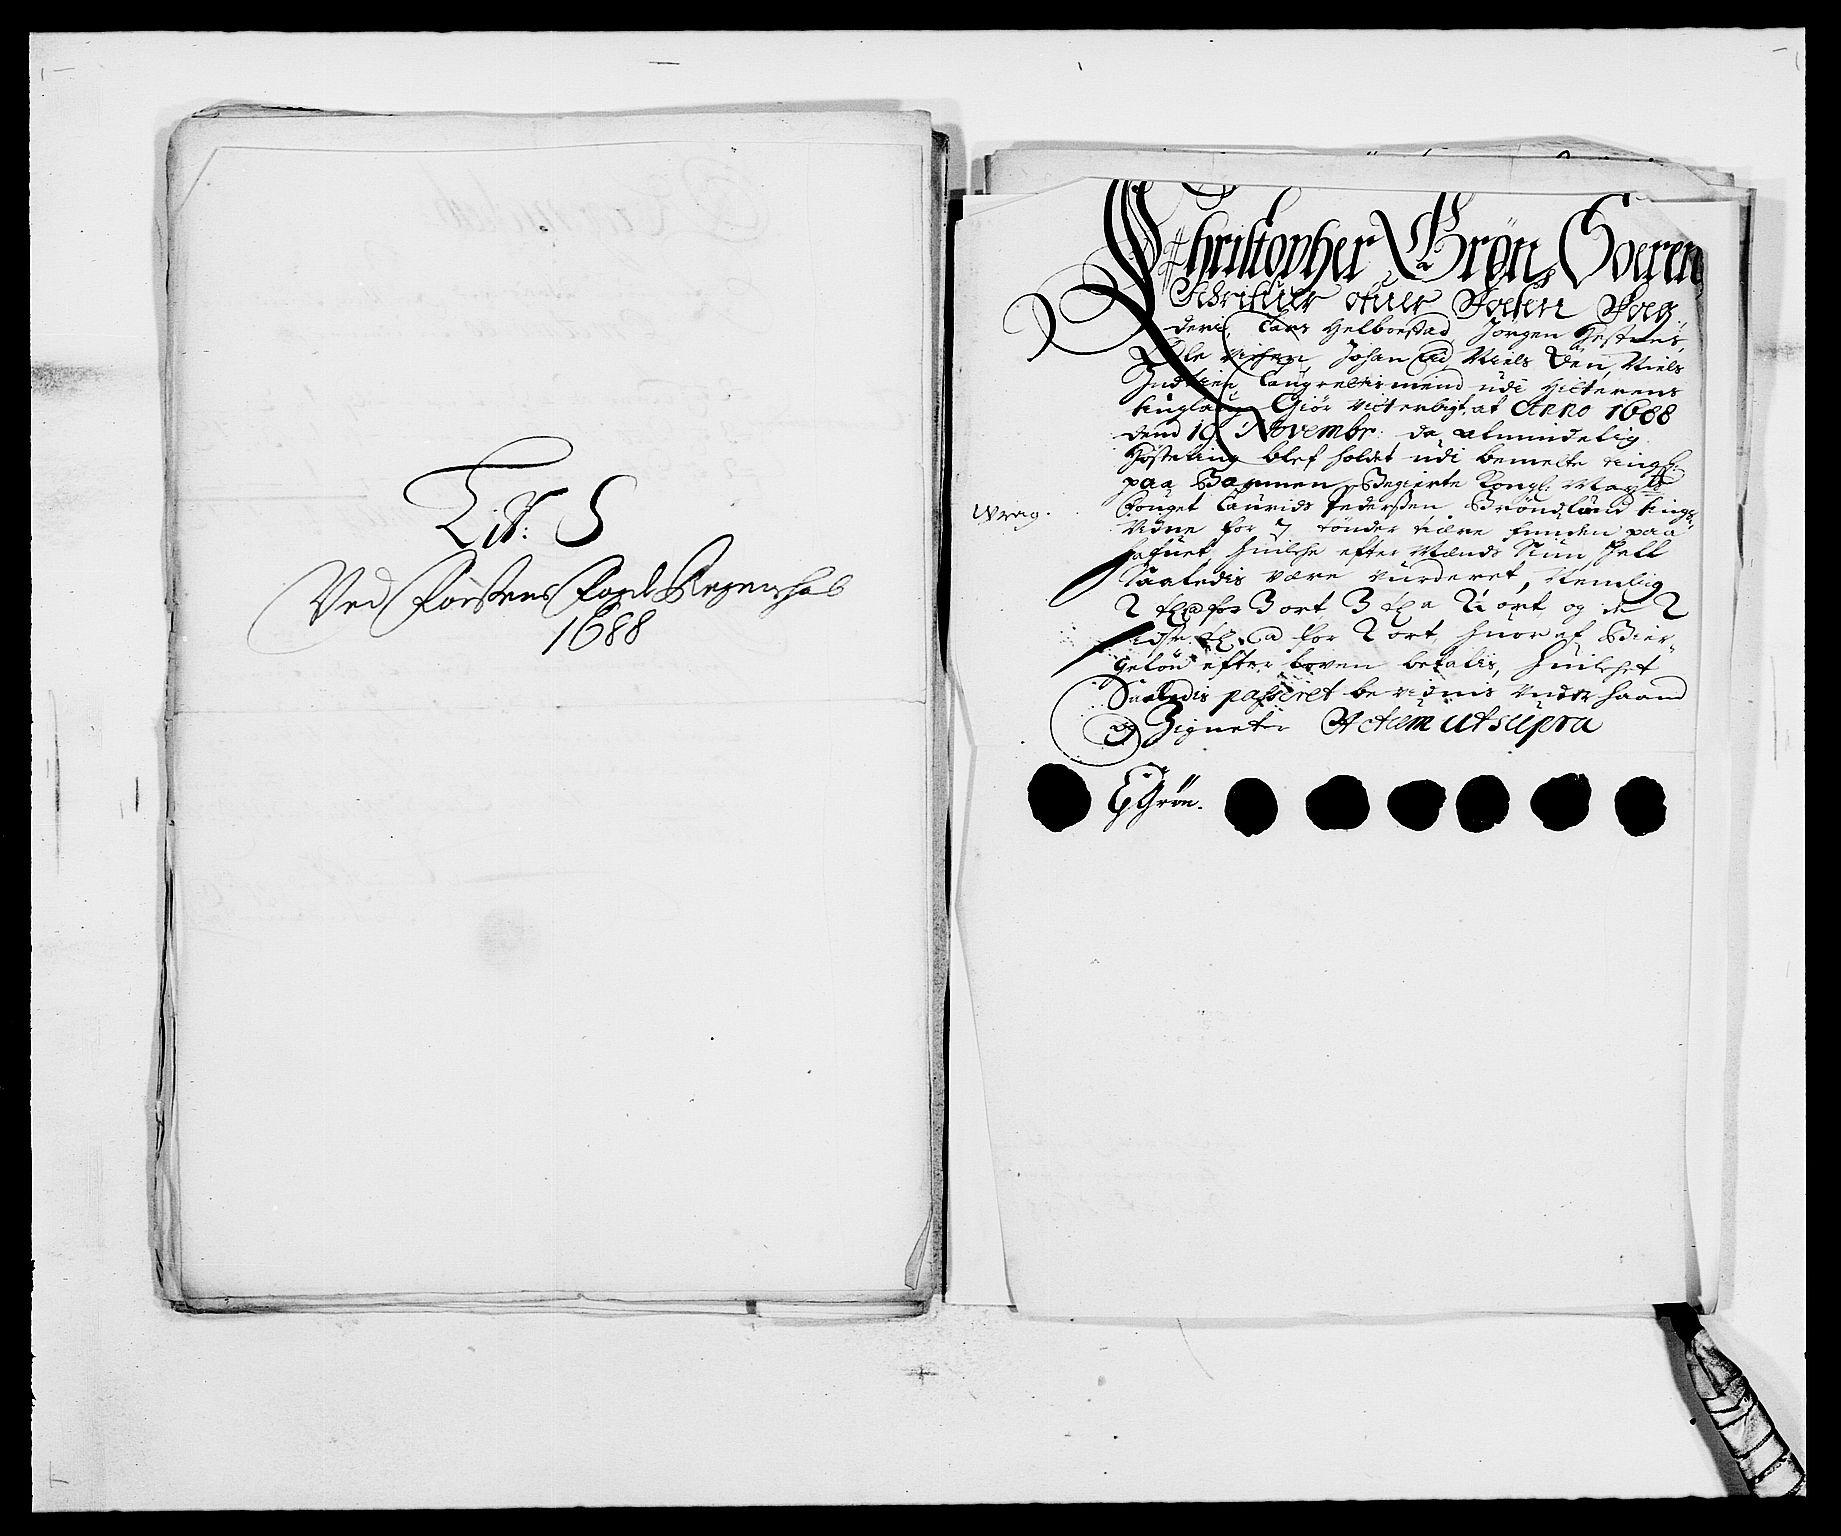 RA, Rentekammeret inntil 1814, Reviderte regnskaper, Fogderegnskap, R57/L3846: Fogderegnskap Fosen, 1688, s. 193